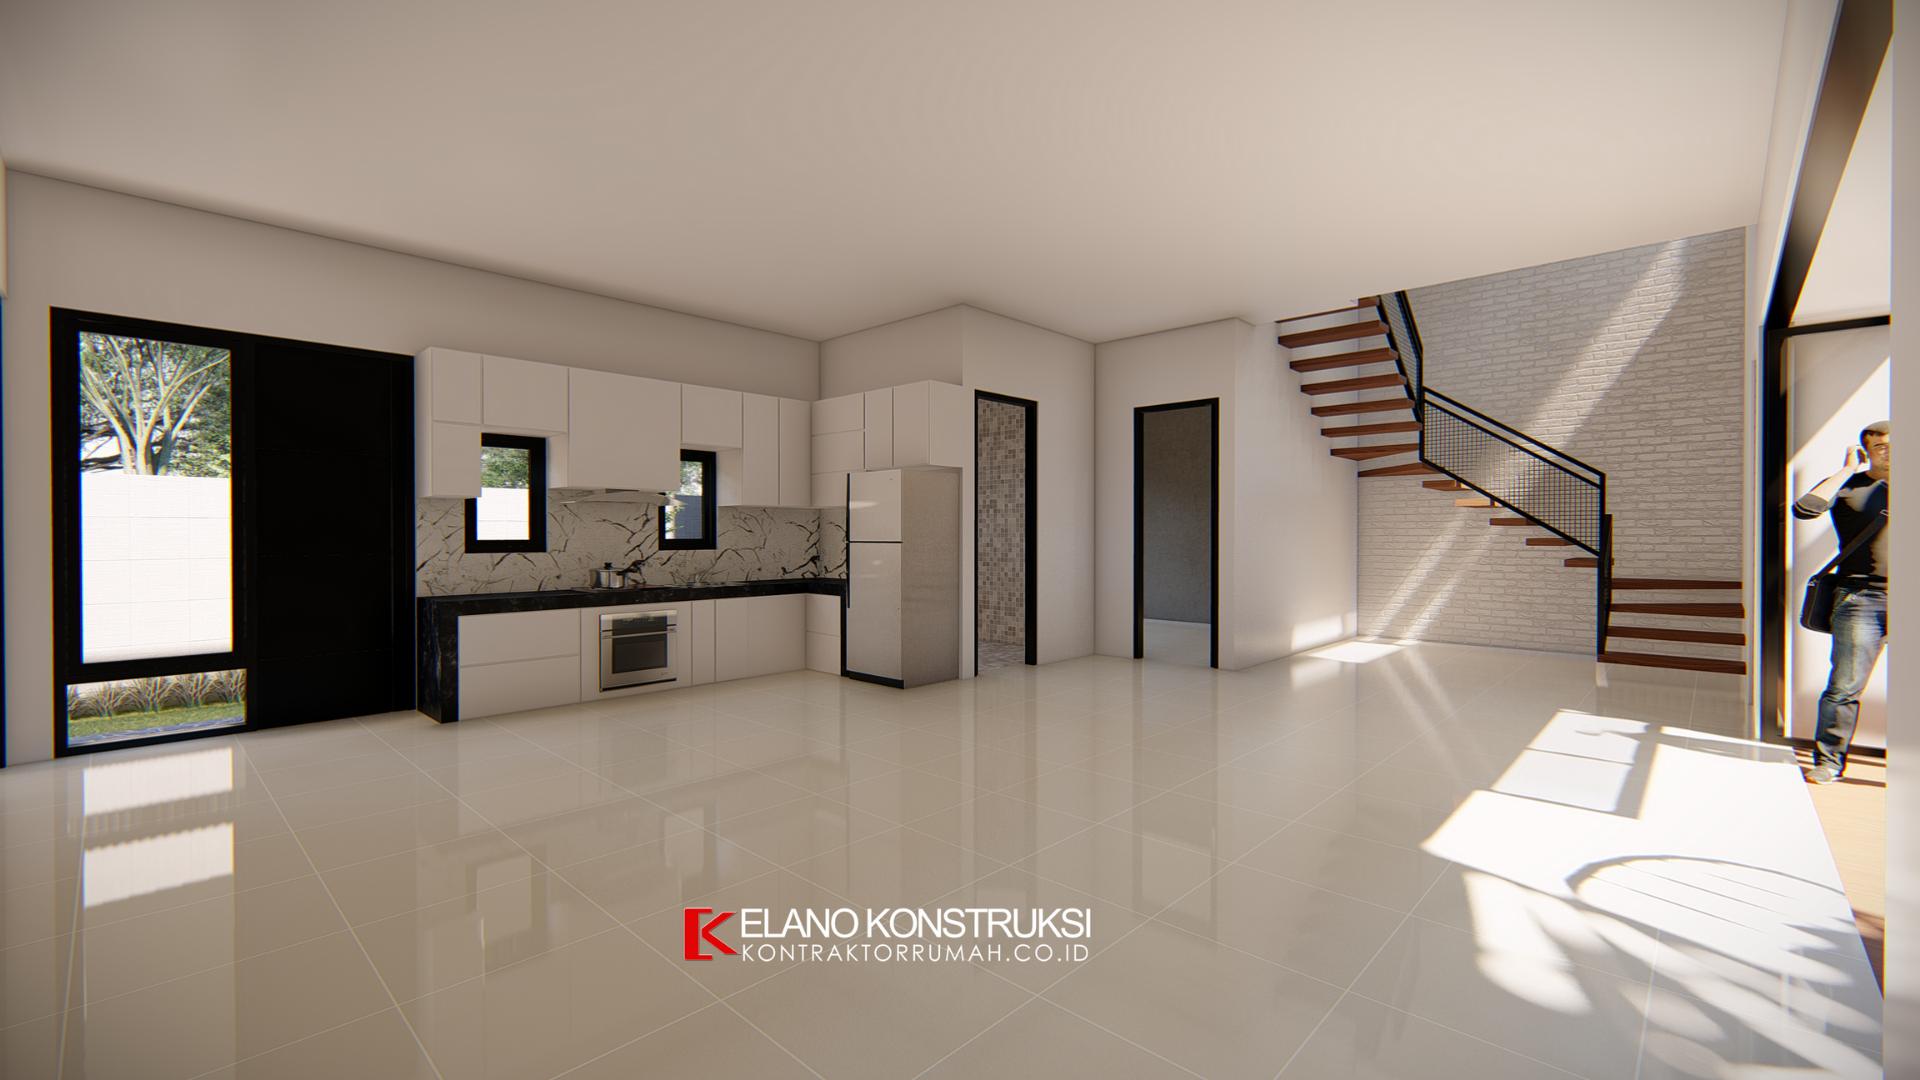 jasa desain rumah 8 - Desain Rumah Industrial Ibu Vidya 199 M2 Jakarta